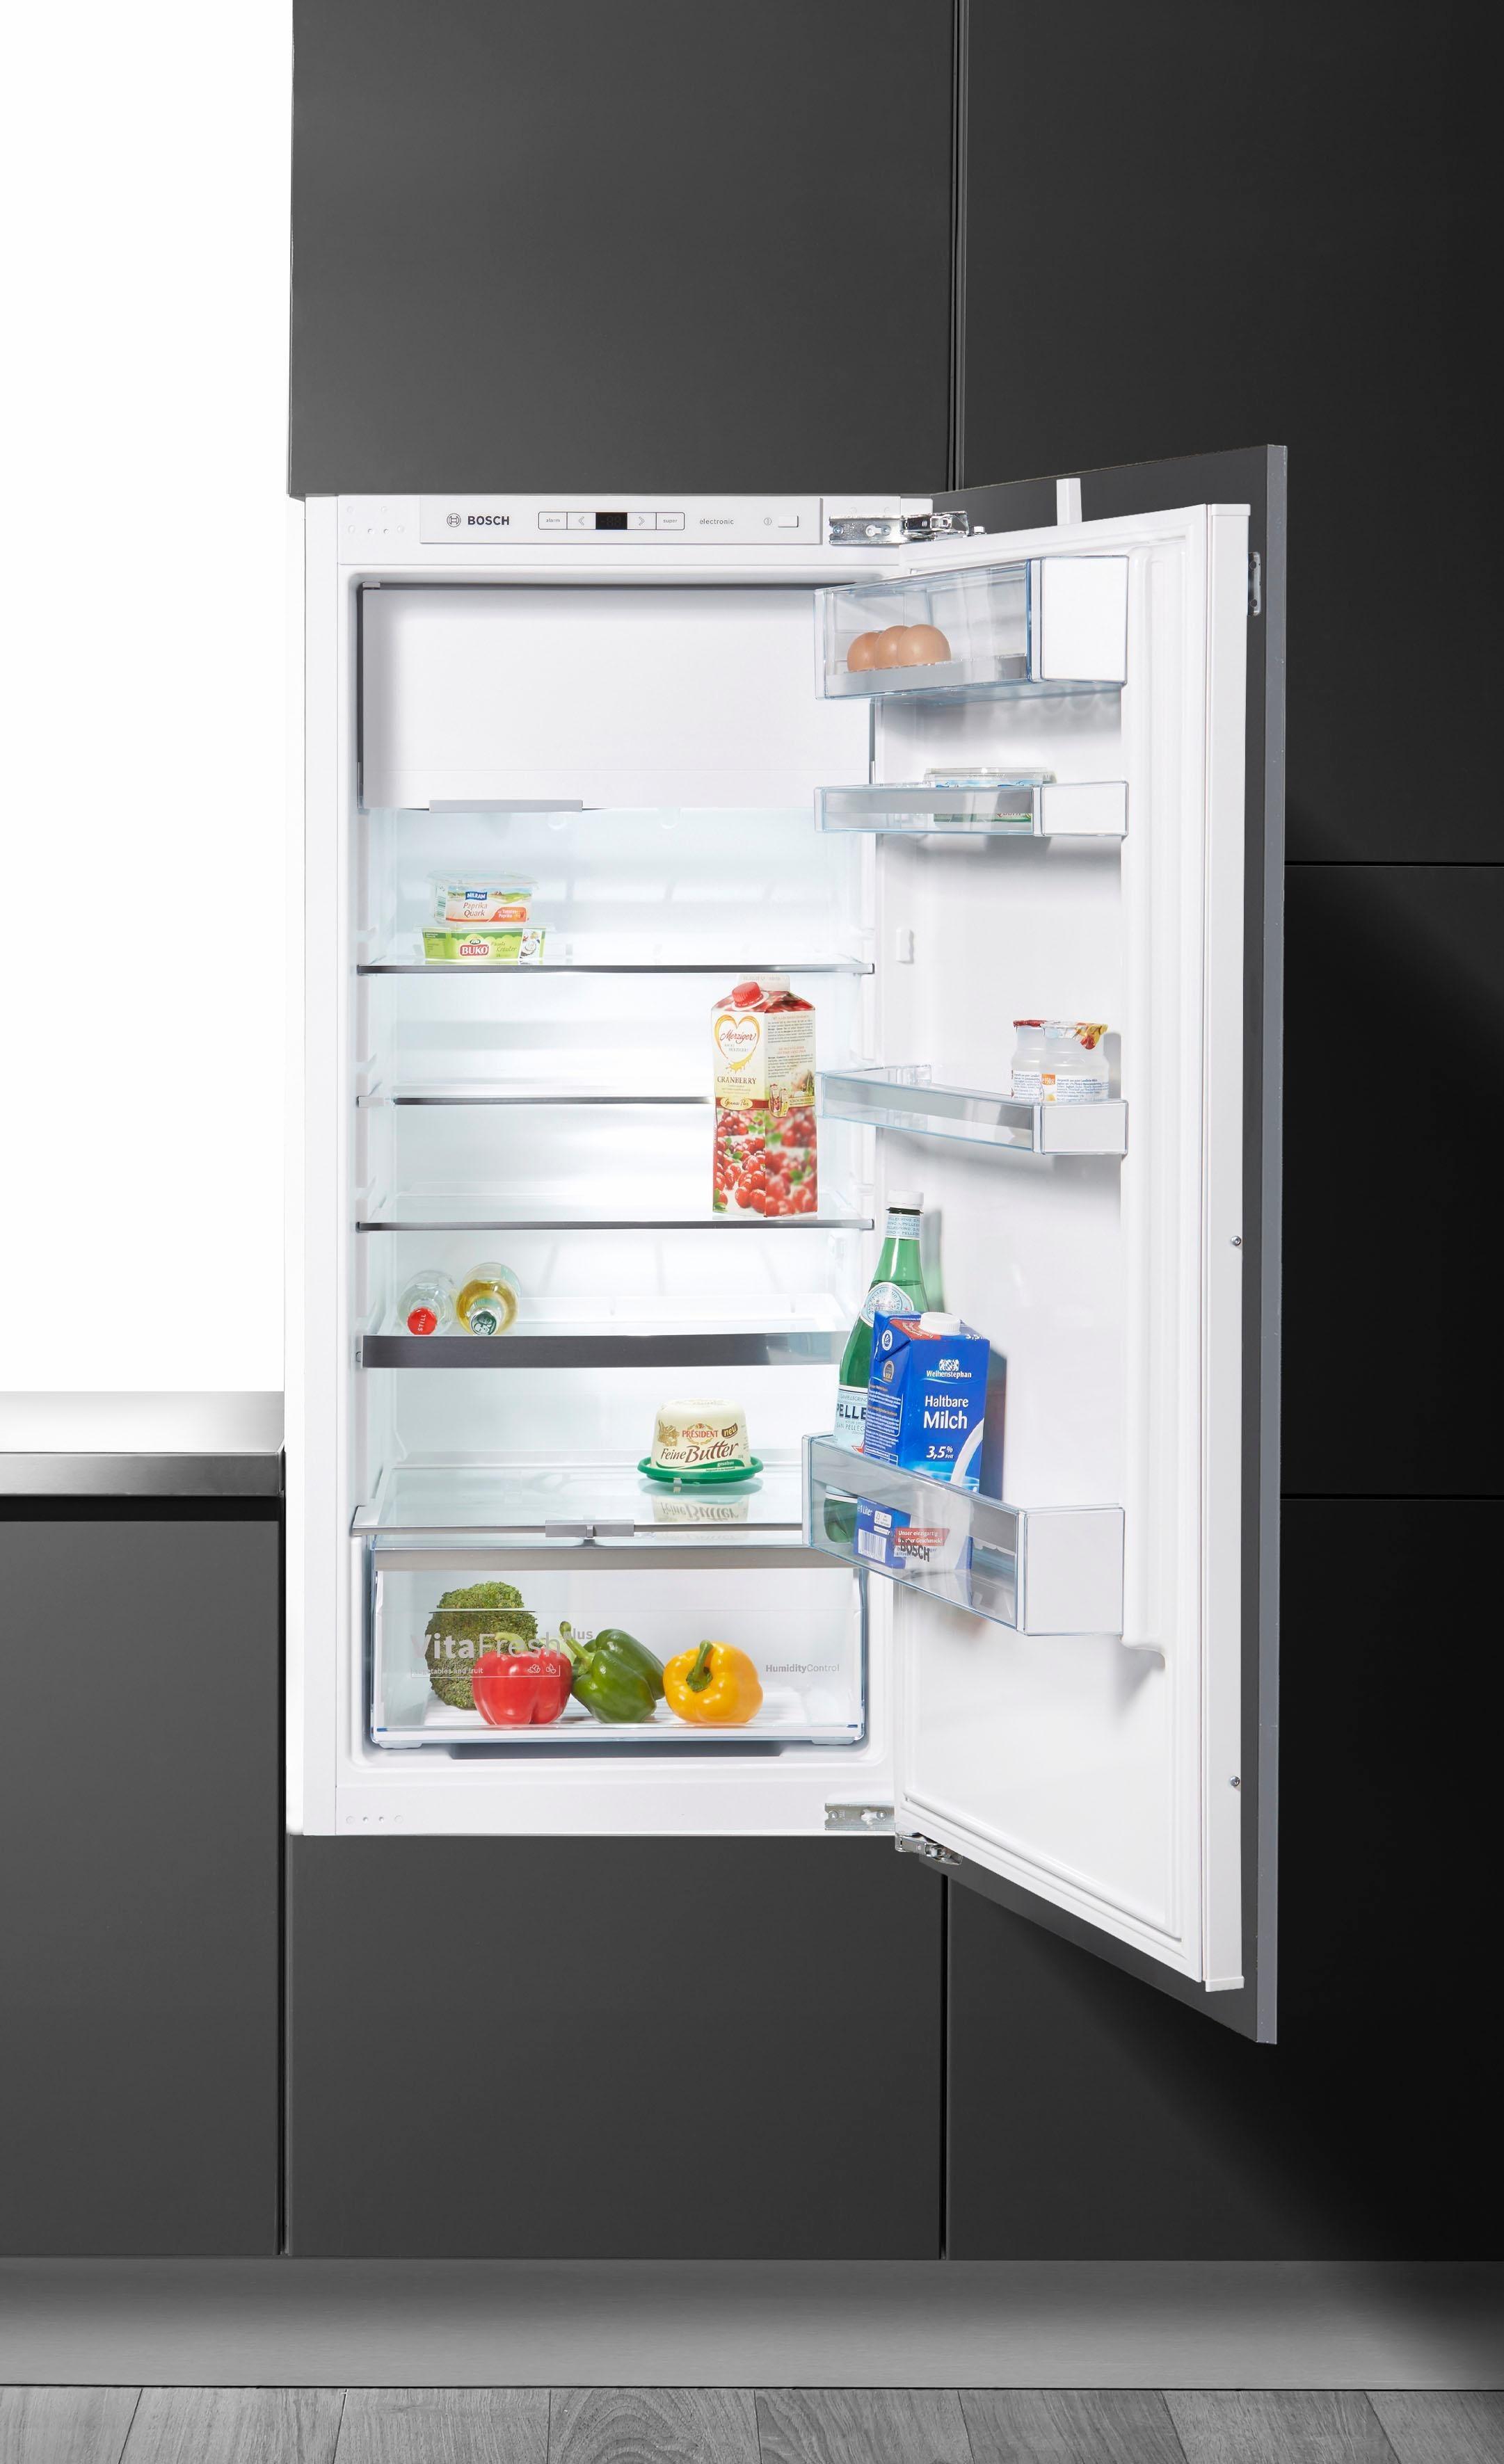 Kühlschrank Liebherr Einbau Preisvergleich • Die besten Angebote ...